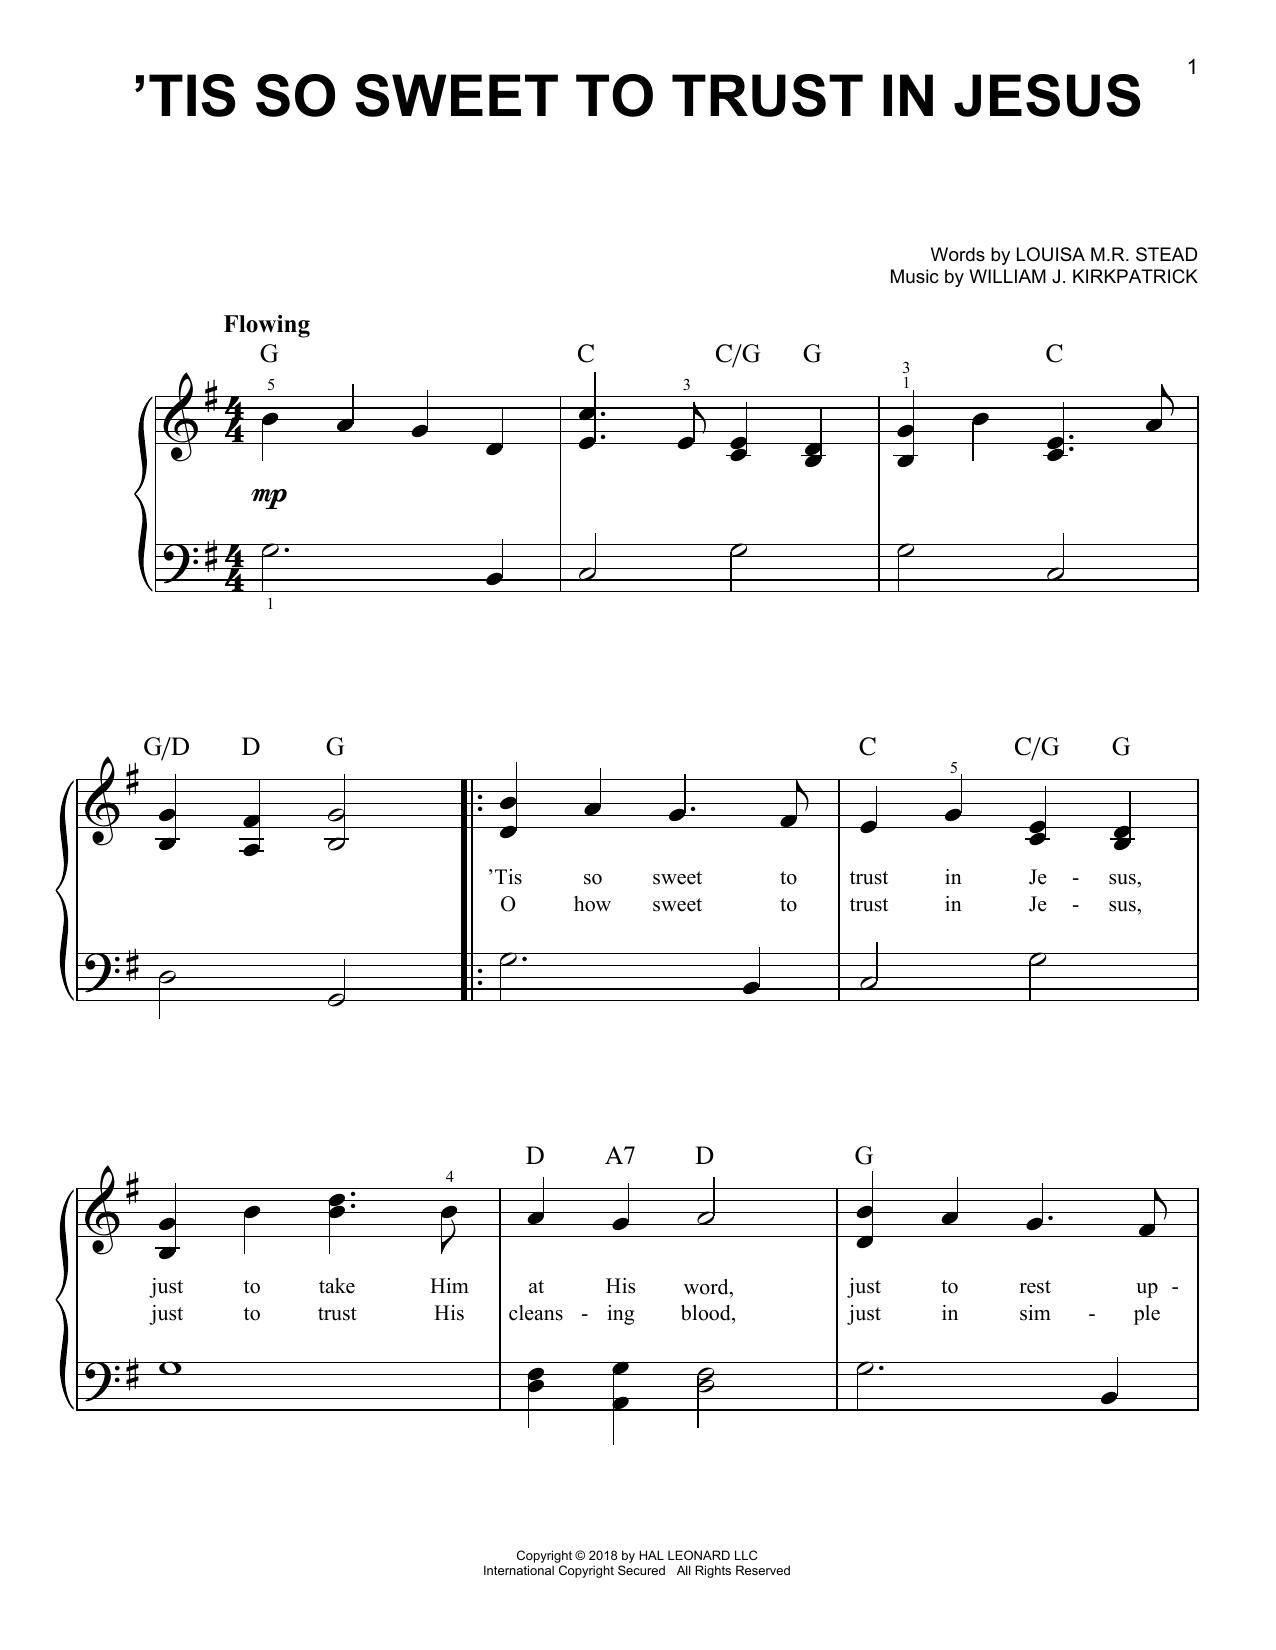 Sheet Music Digital Files To Print Licensed Louisa Mr Stead